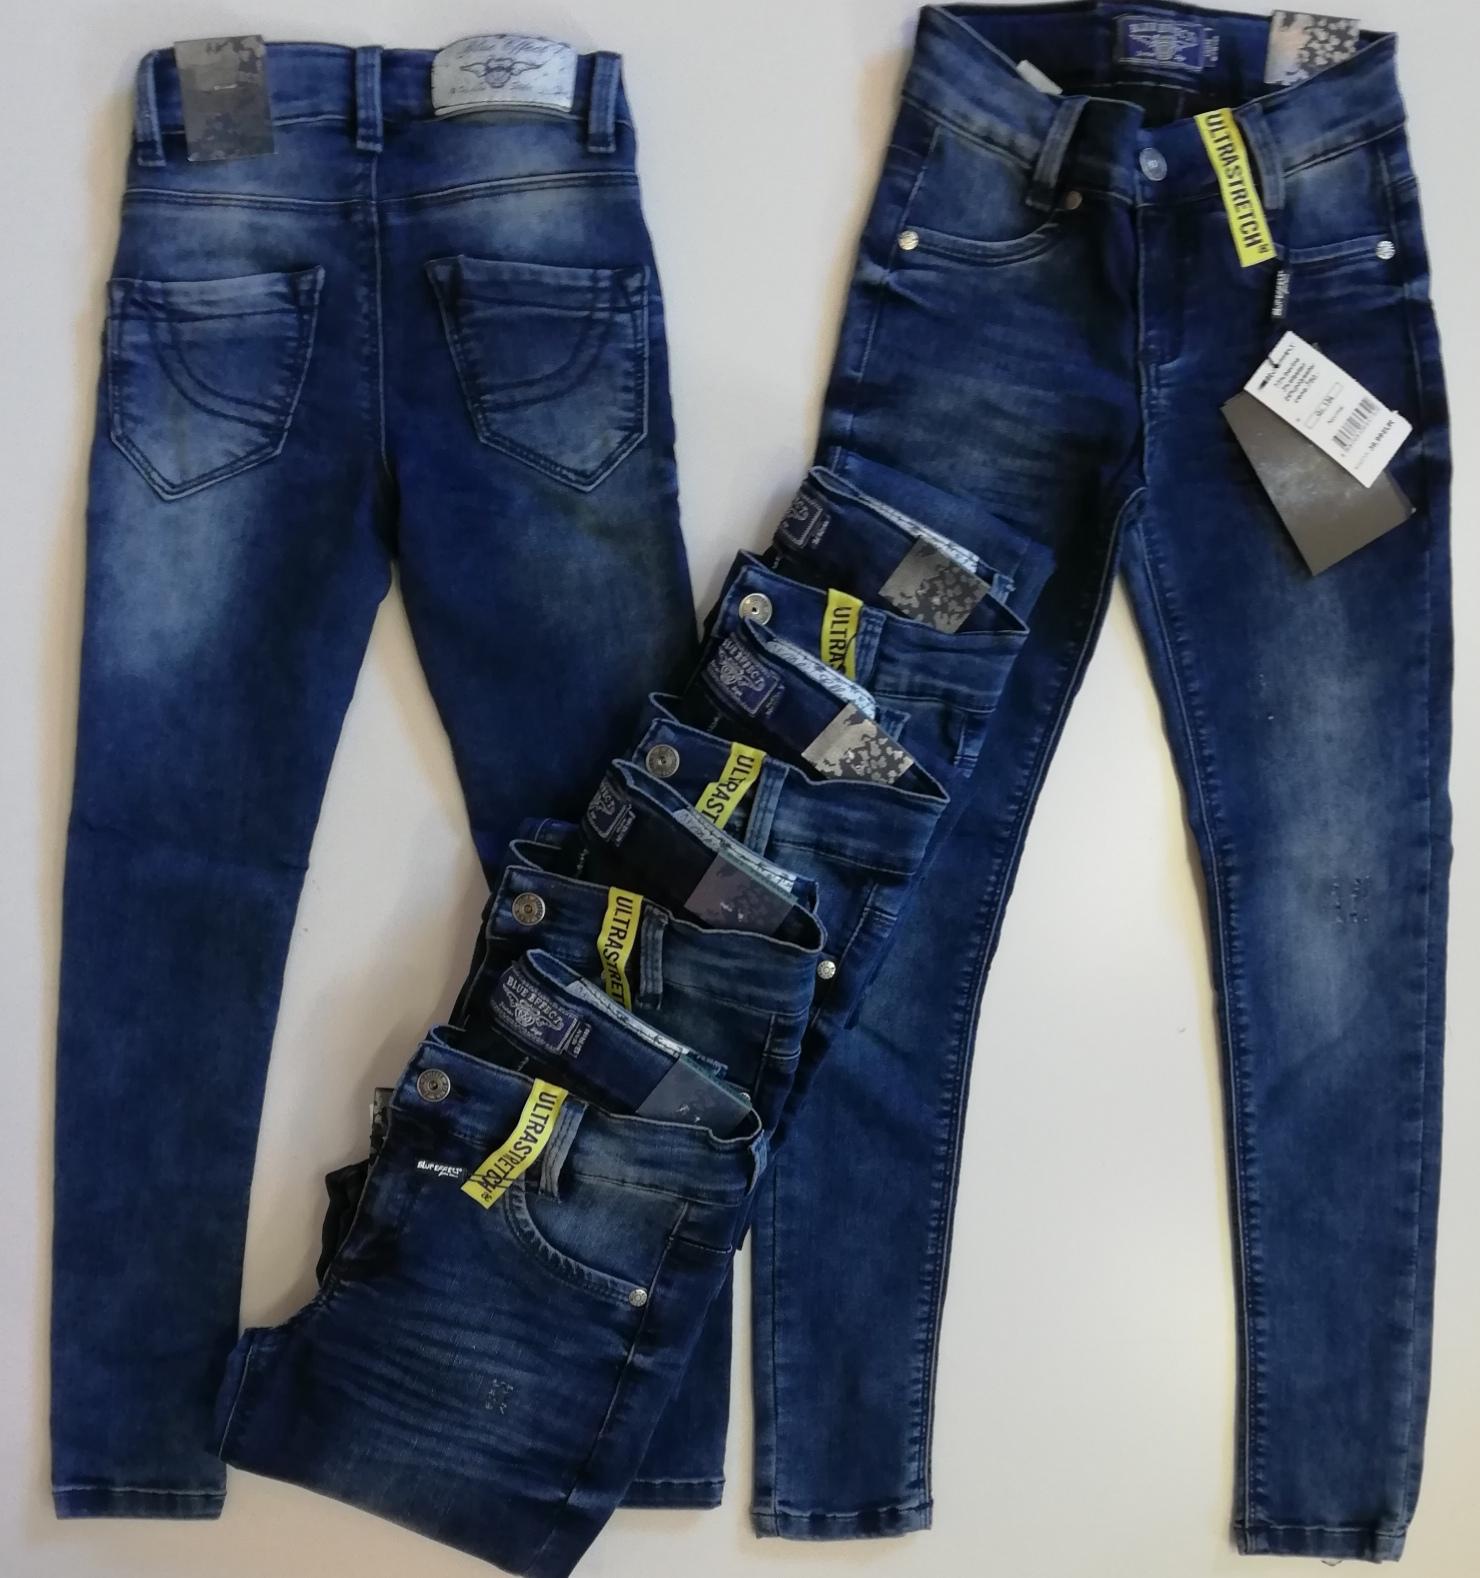 Dívčí džíny Blue effect vel. 128,134,140,146,158,164